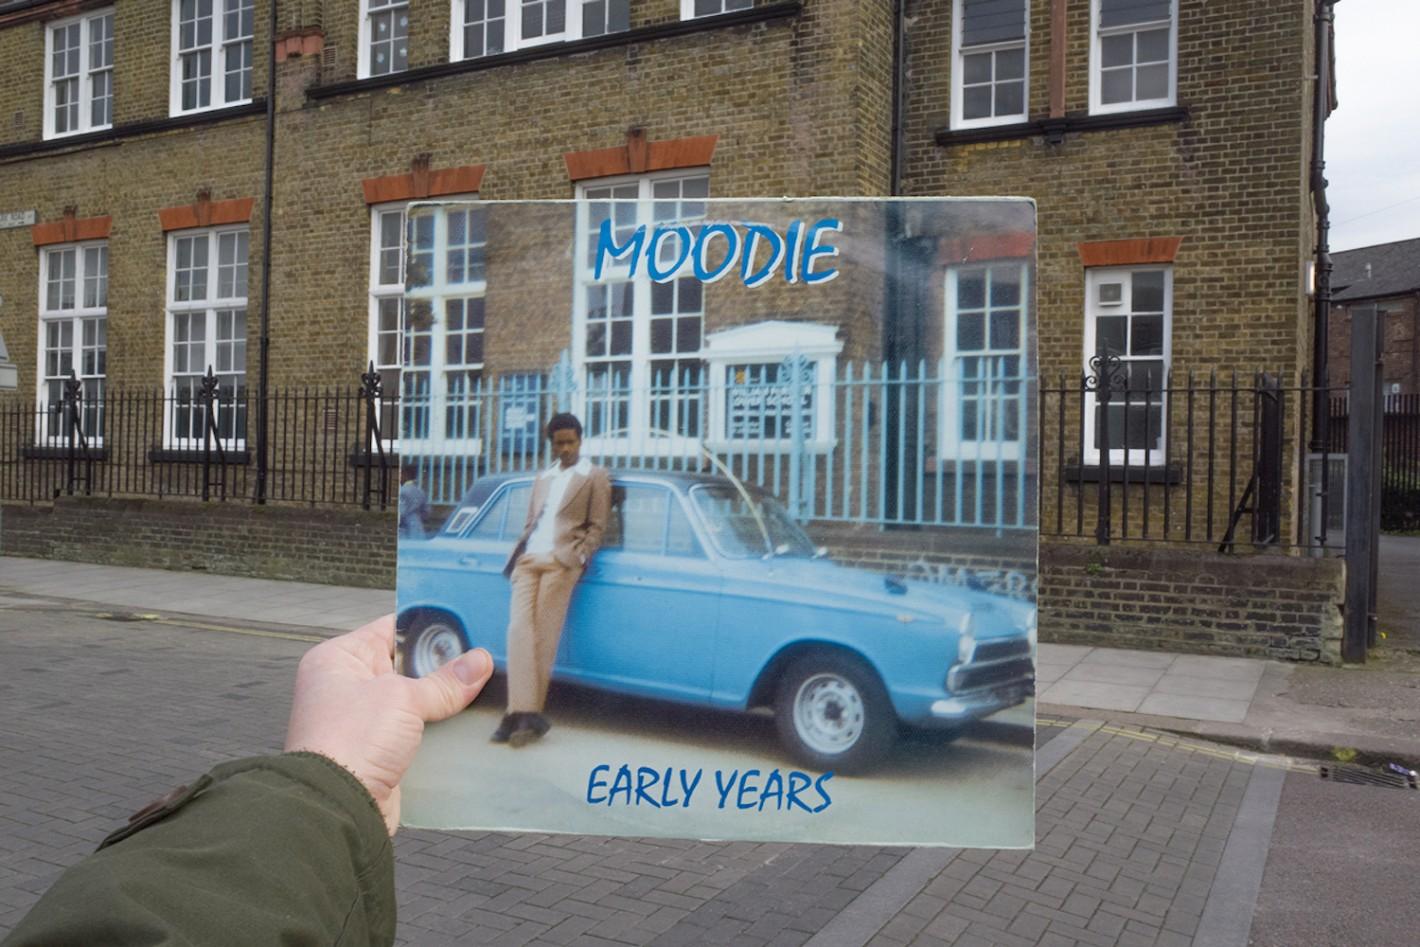 места съёмок обложек для регги пластинок в Лондоне, Алекс Бартч, Alex Bartsch